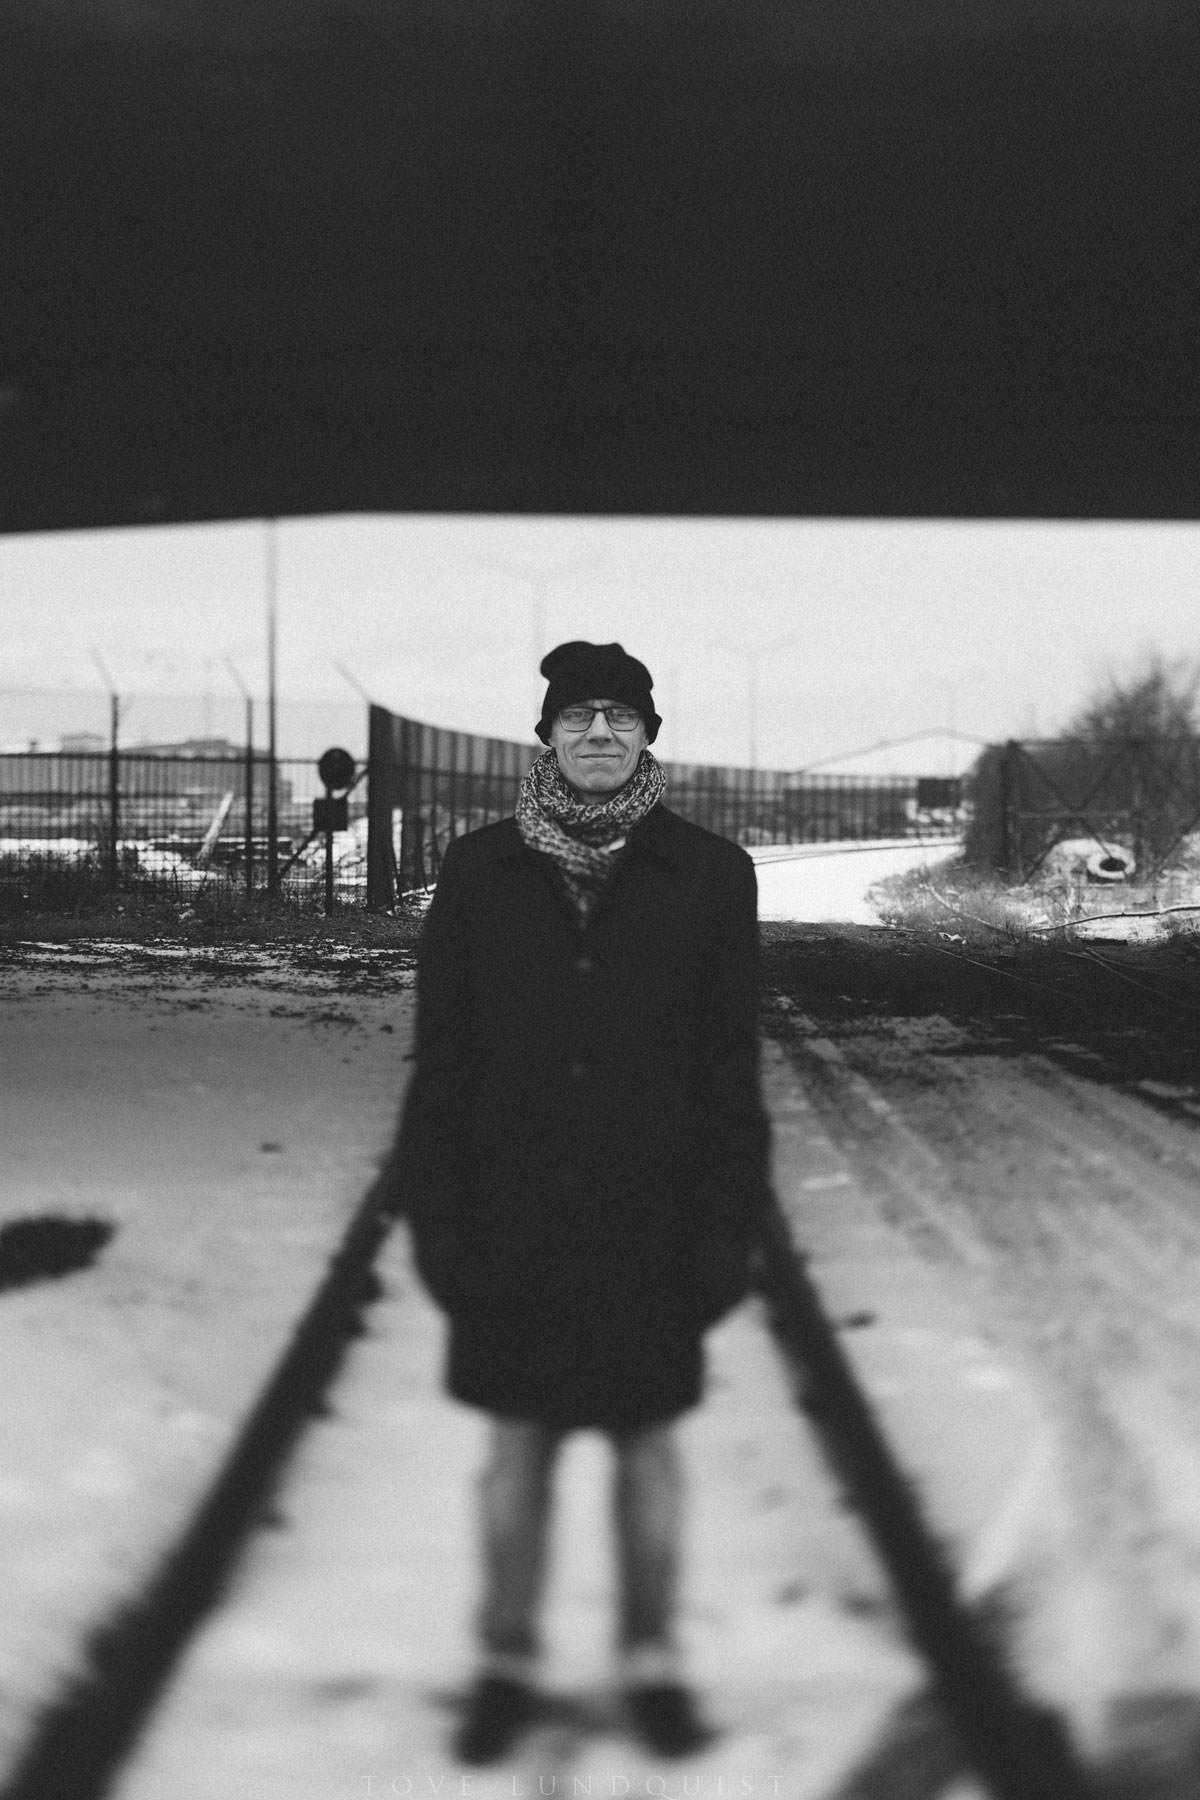 Svartvitt enskilt porträtt på man i stadsmiljö. Foto: Tove Lundquist, Malmö. Objektiv: Tilt-Shift.